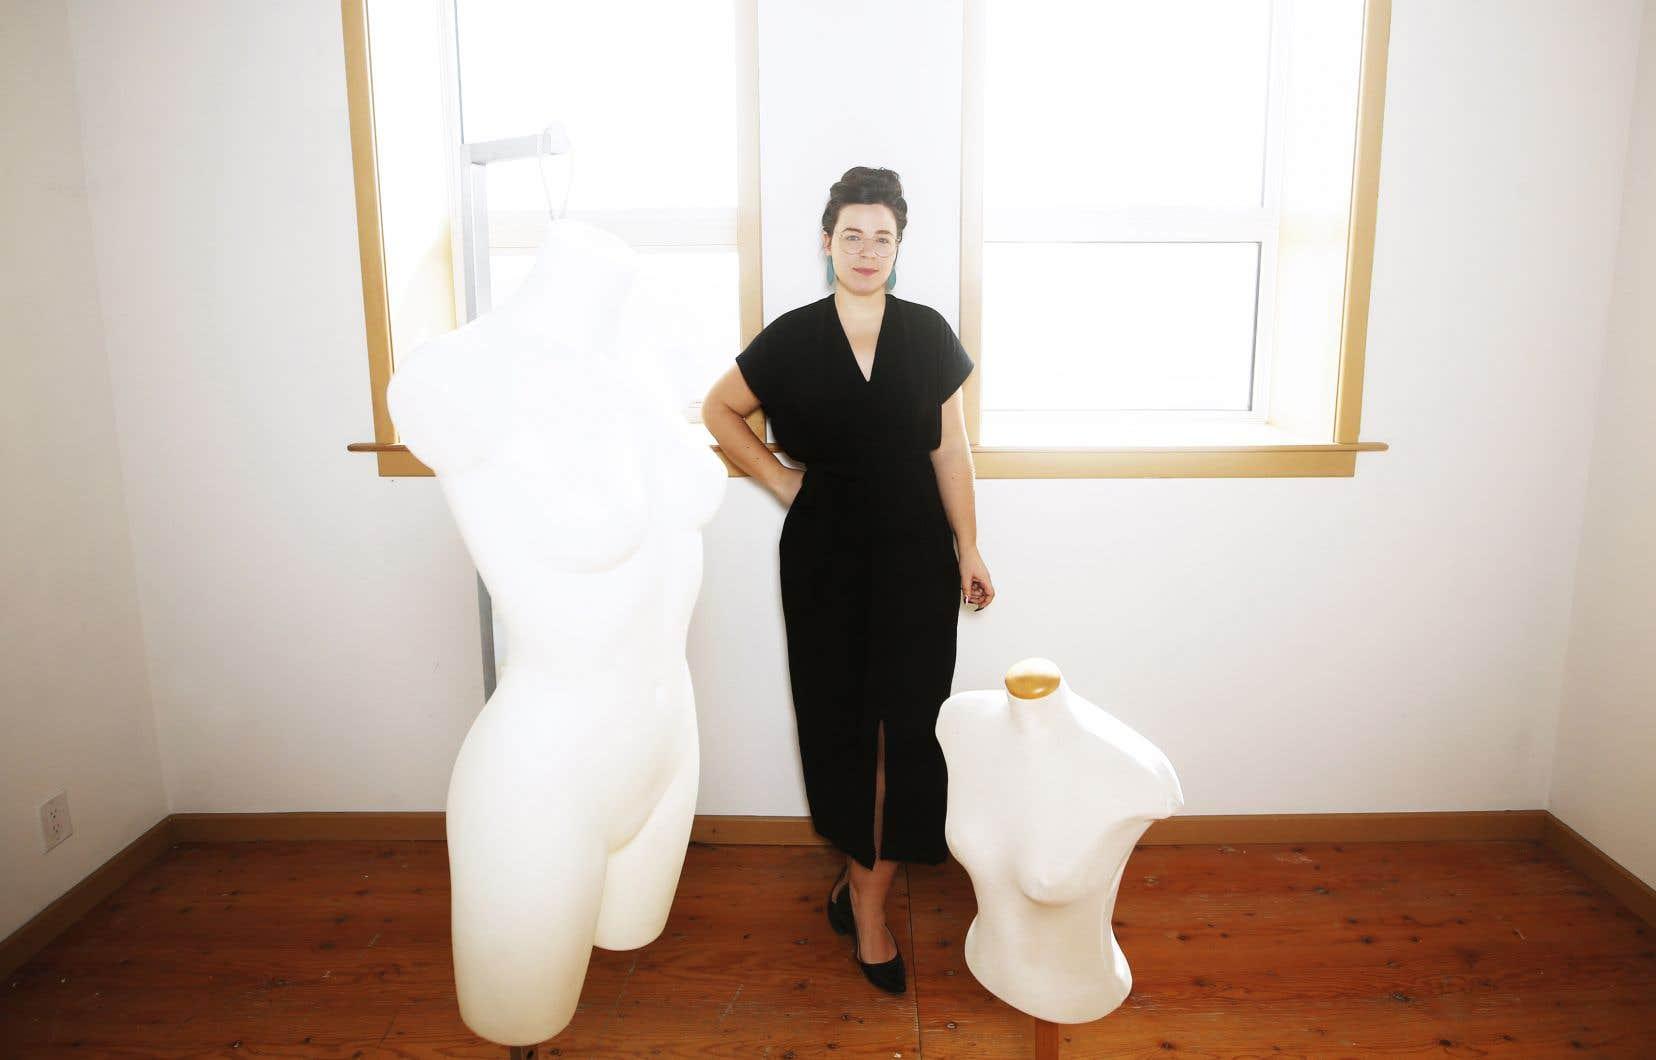 Kate Sinclaire